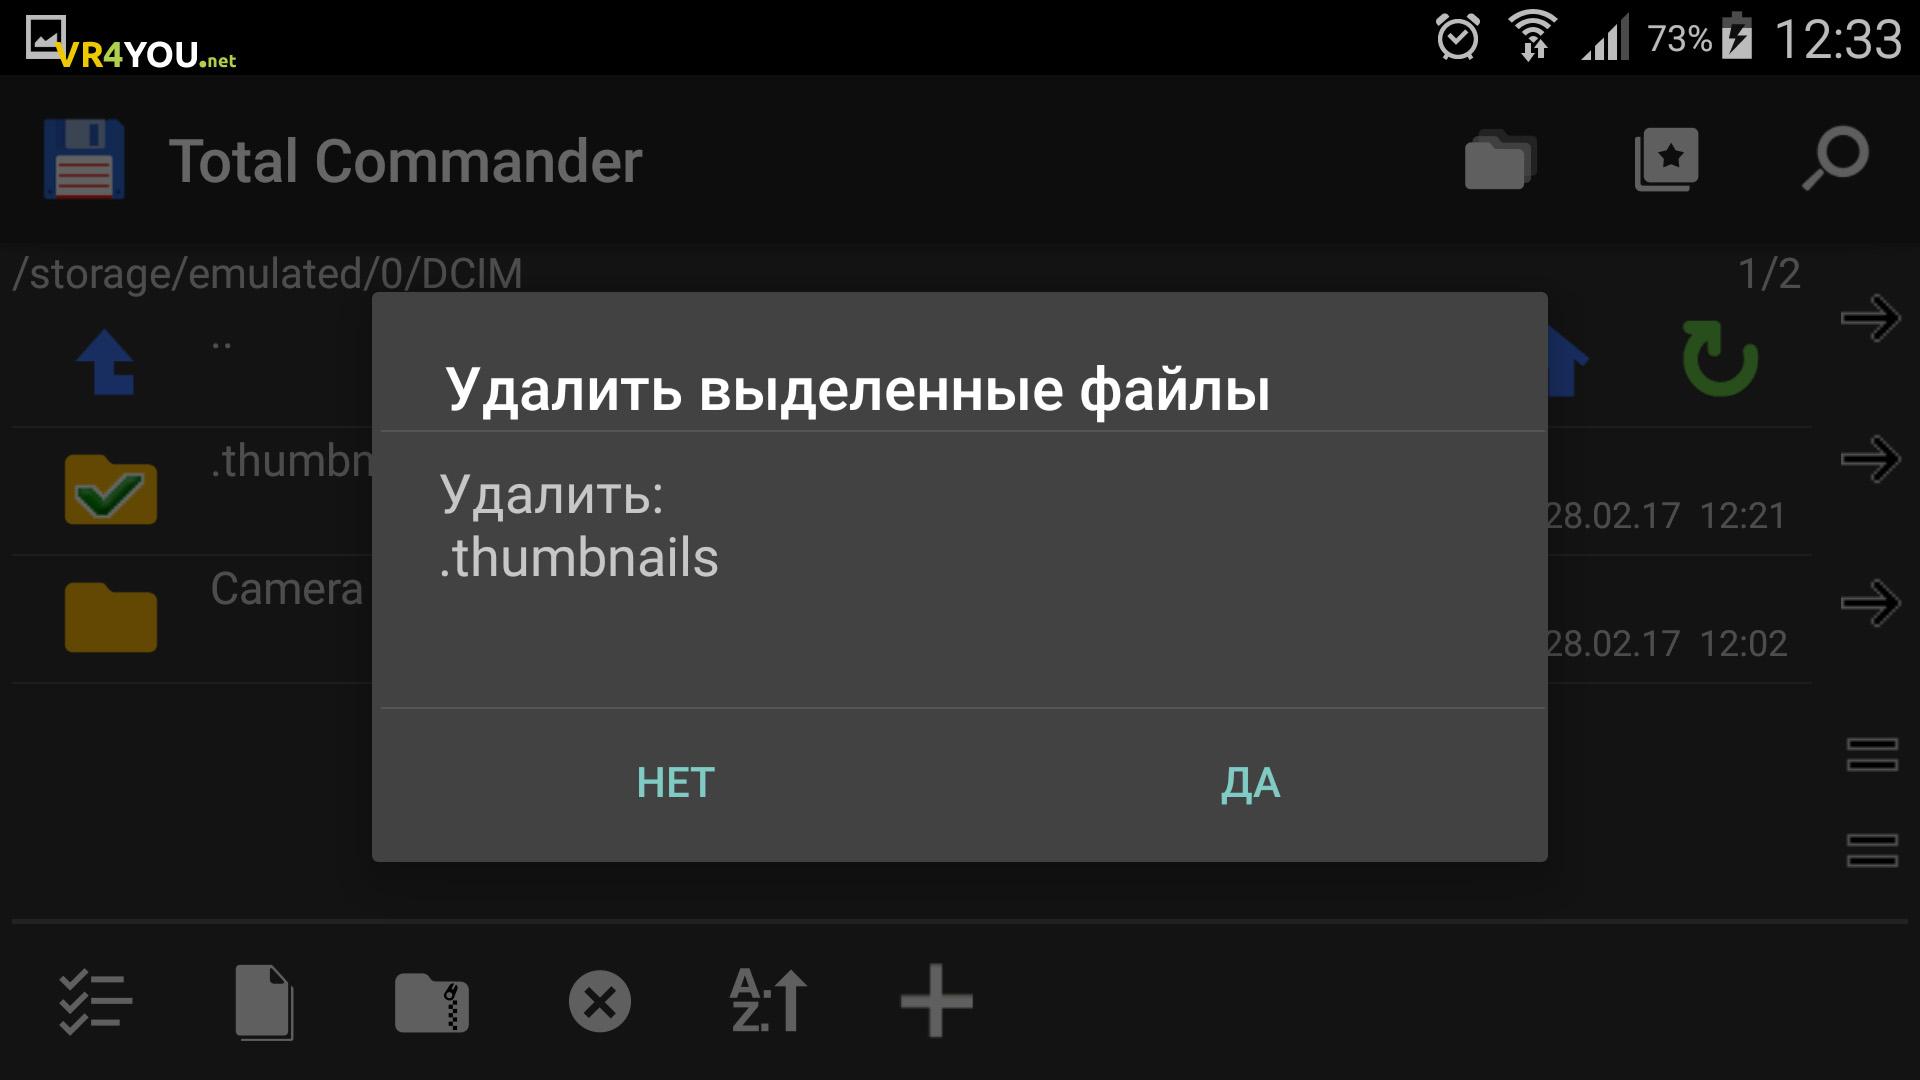 Все о Total Commander Скачать Total Commander 90a Все